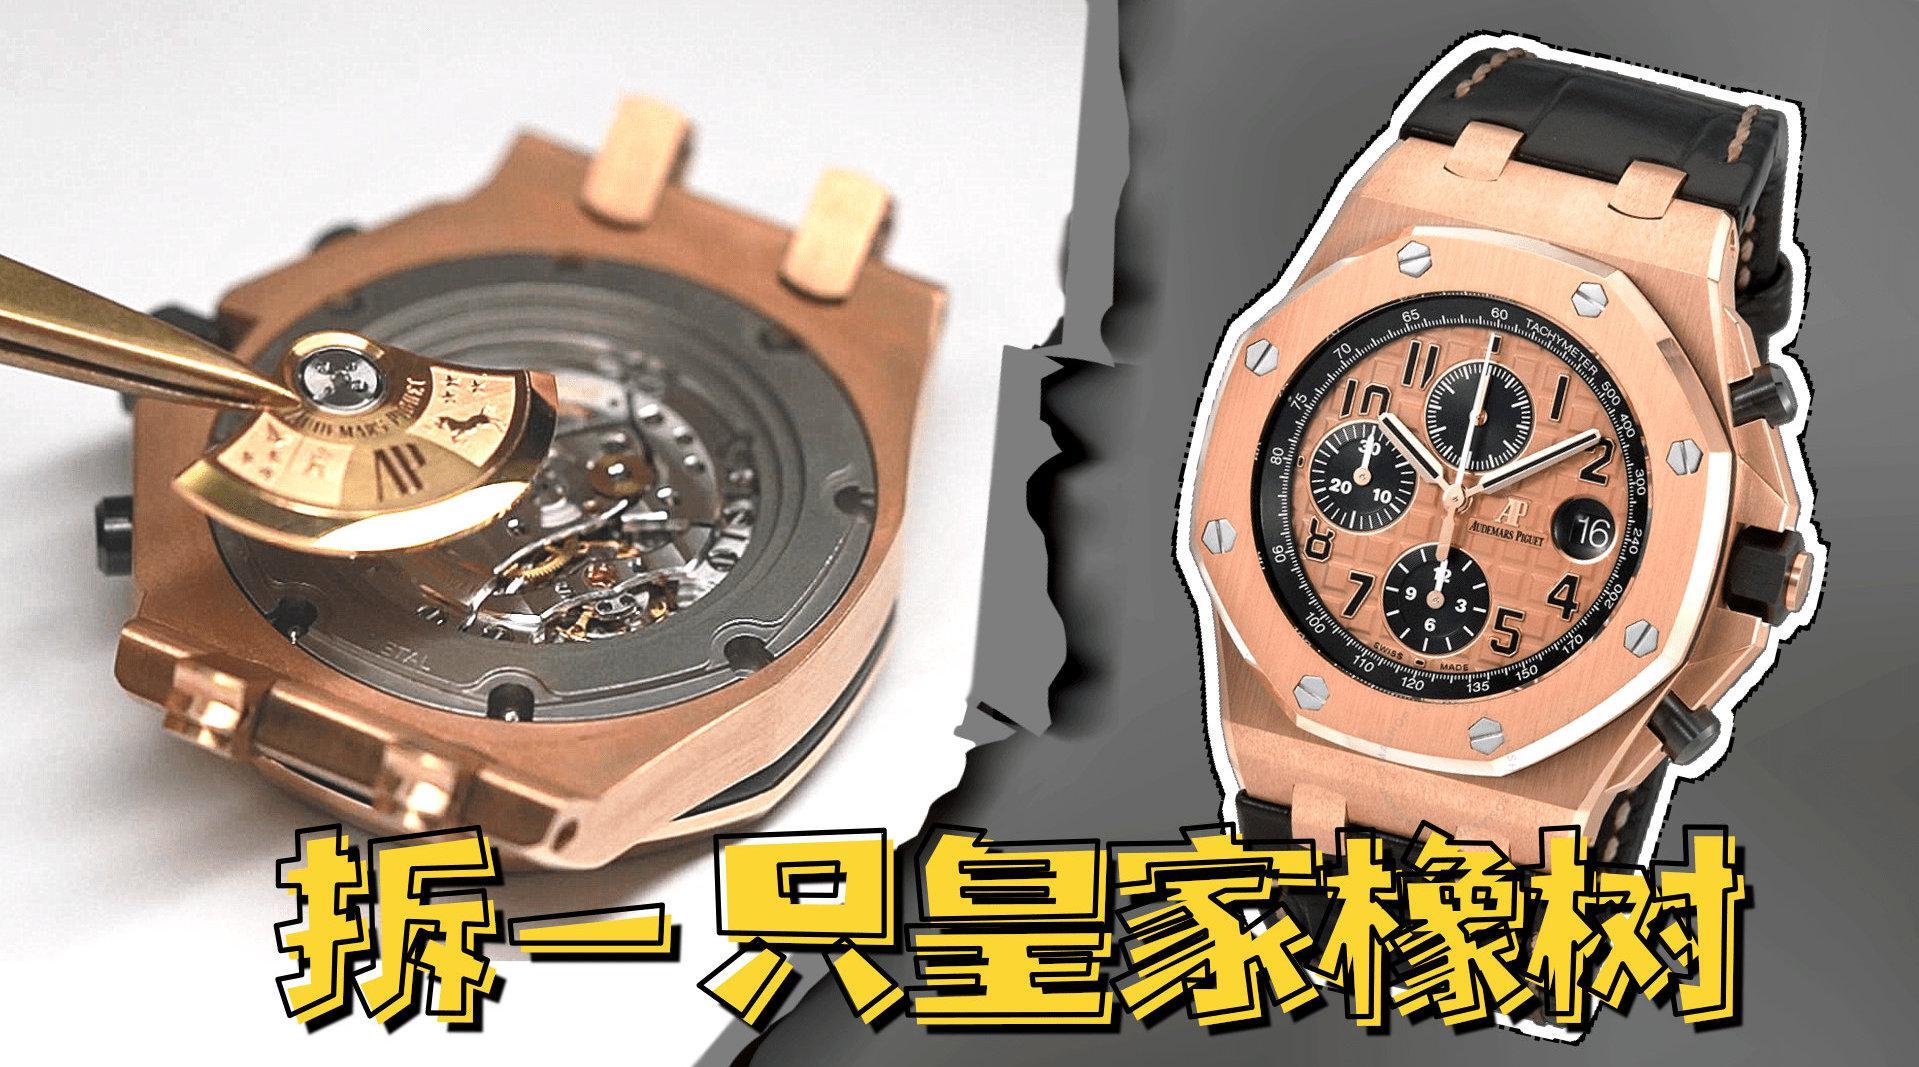 本期的腕表ICU将全拆解一只皇家橡树离岸型大金腕表……